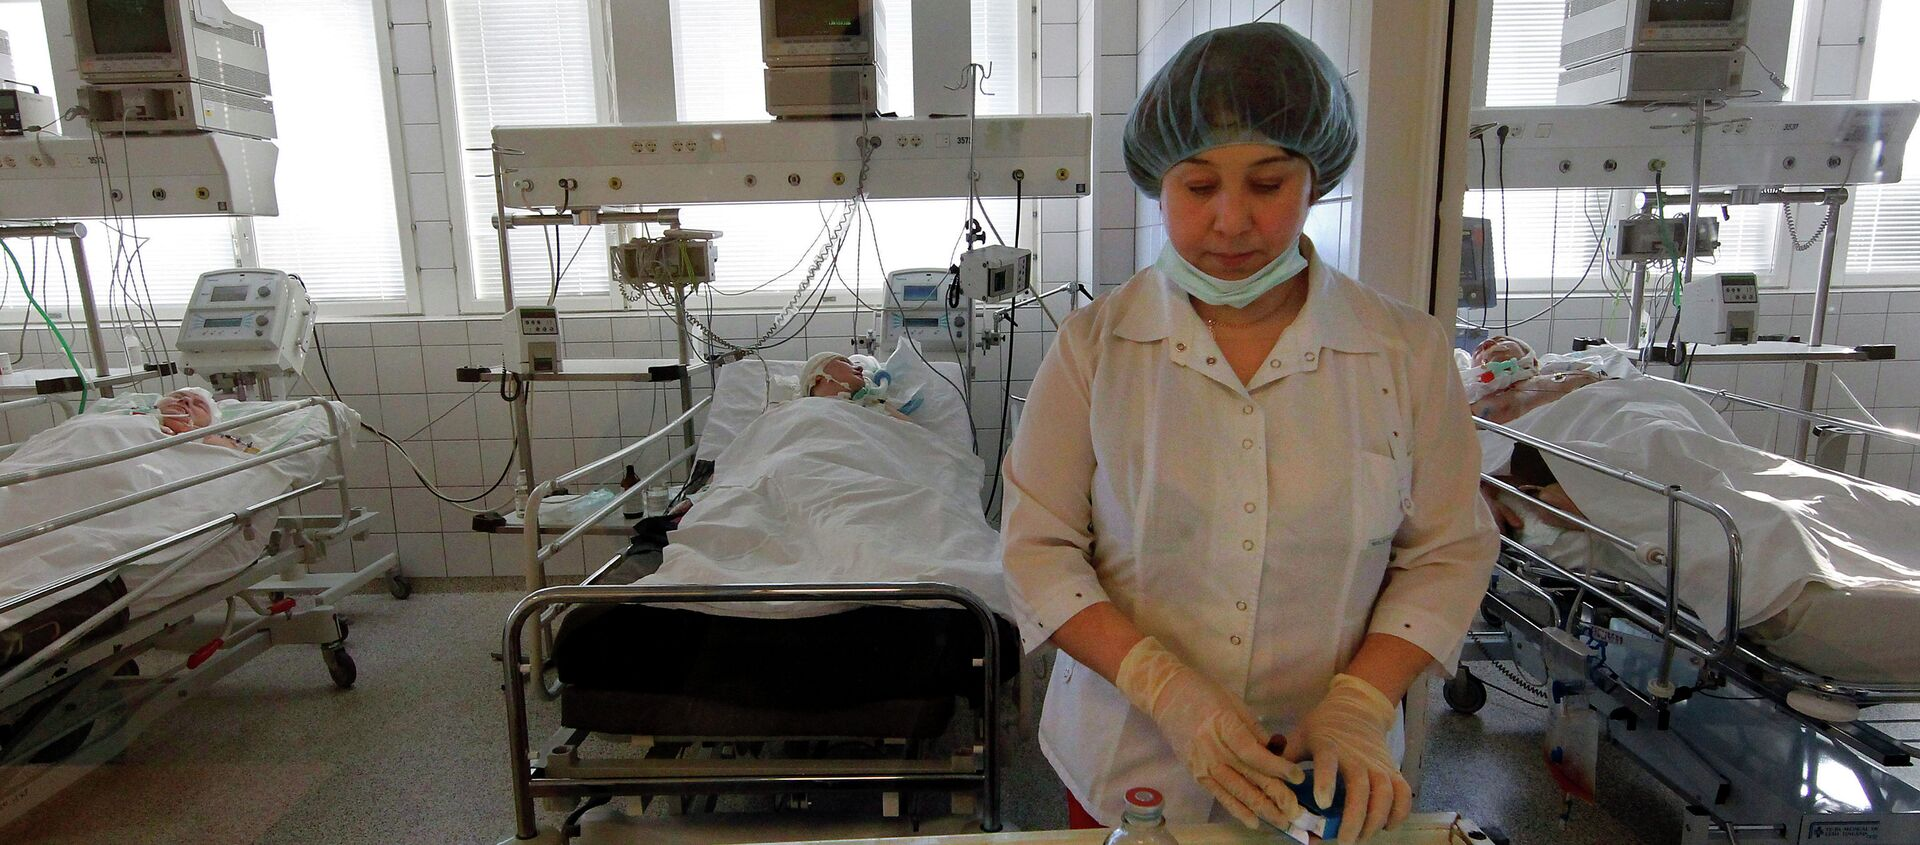 Медсестра готовит процедуры для пациентов реанимационной палаты - Sputnik Беларусь, 1920, 22.04.2021